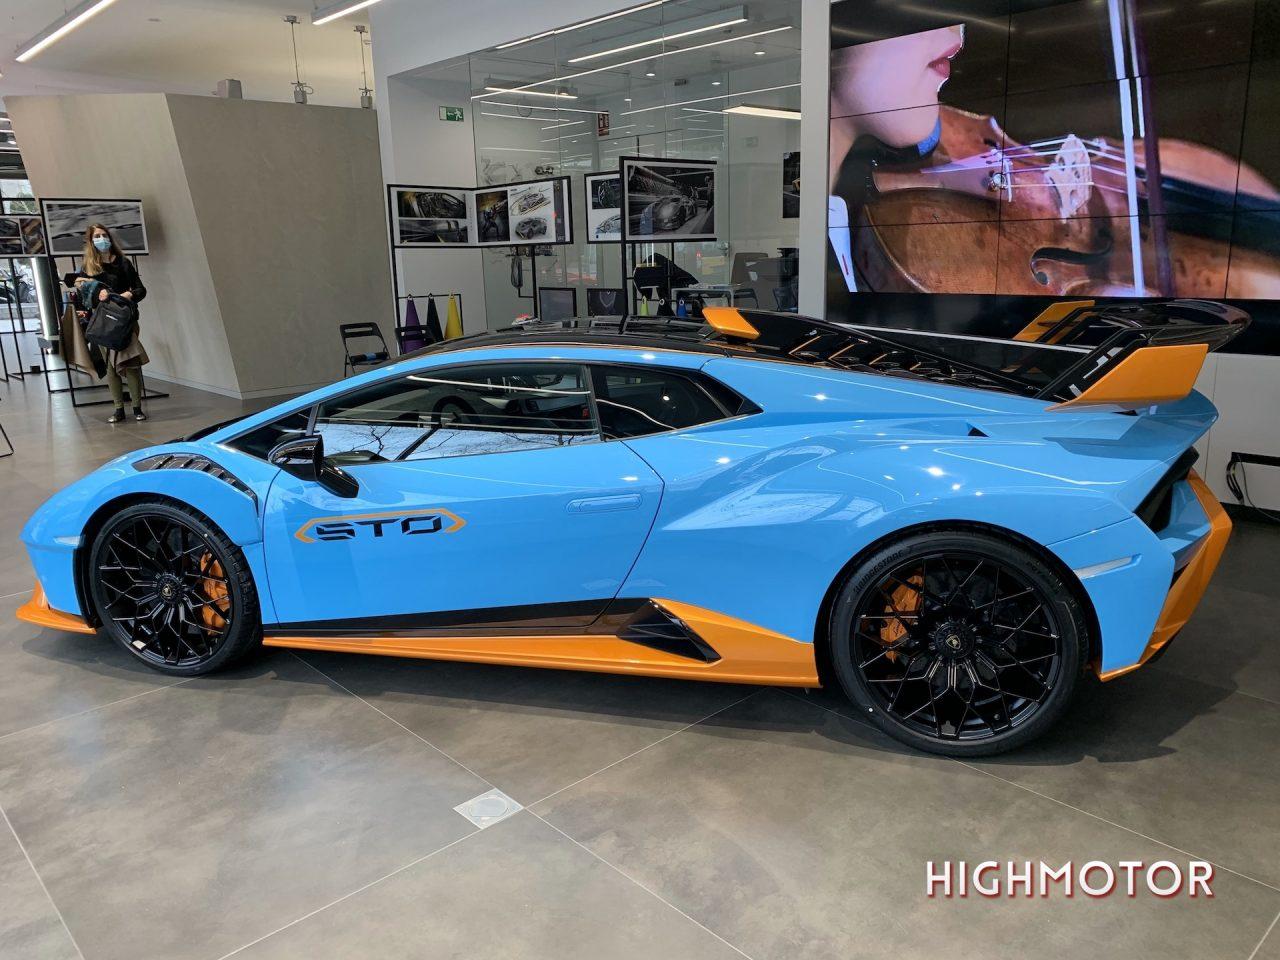 Lamborghini Huracan Sto Highmotor 8